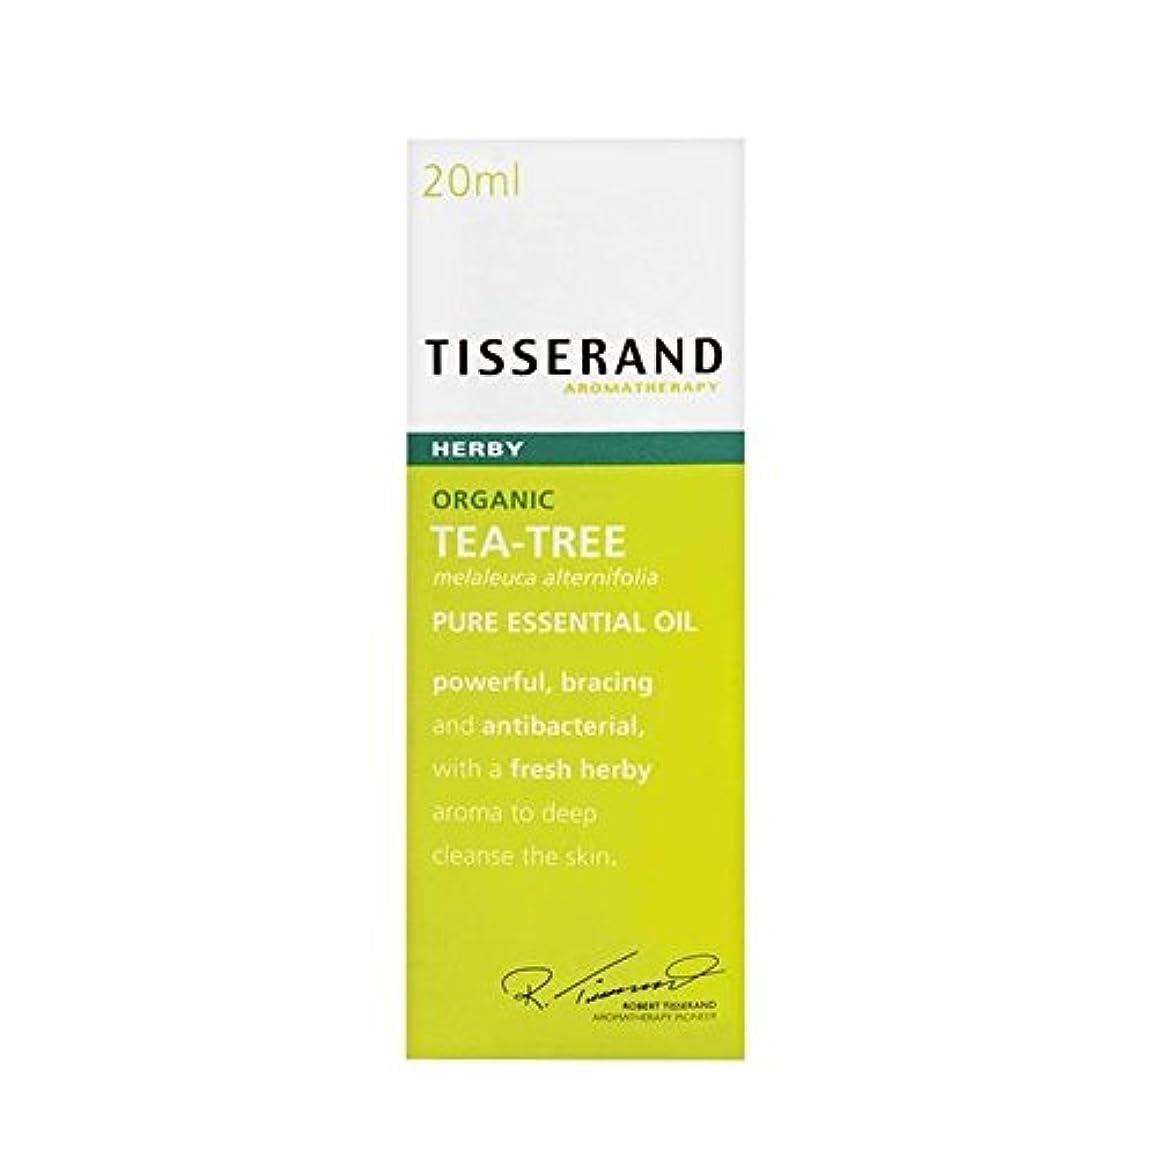 コード症候群ビバティスランドティーツリーオーガニックピュアエッセンシャルオイル20ミリリットル x4 - Tisserand Tea Tree Organic Pure Essential Oil 20ml (Pack of 4) [並行輸入品]